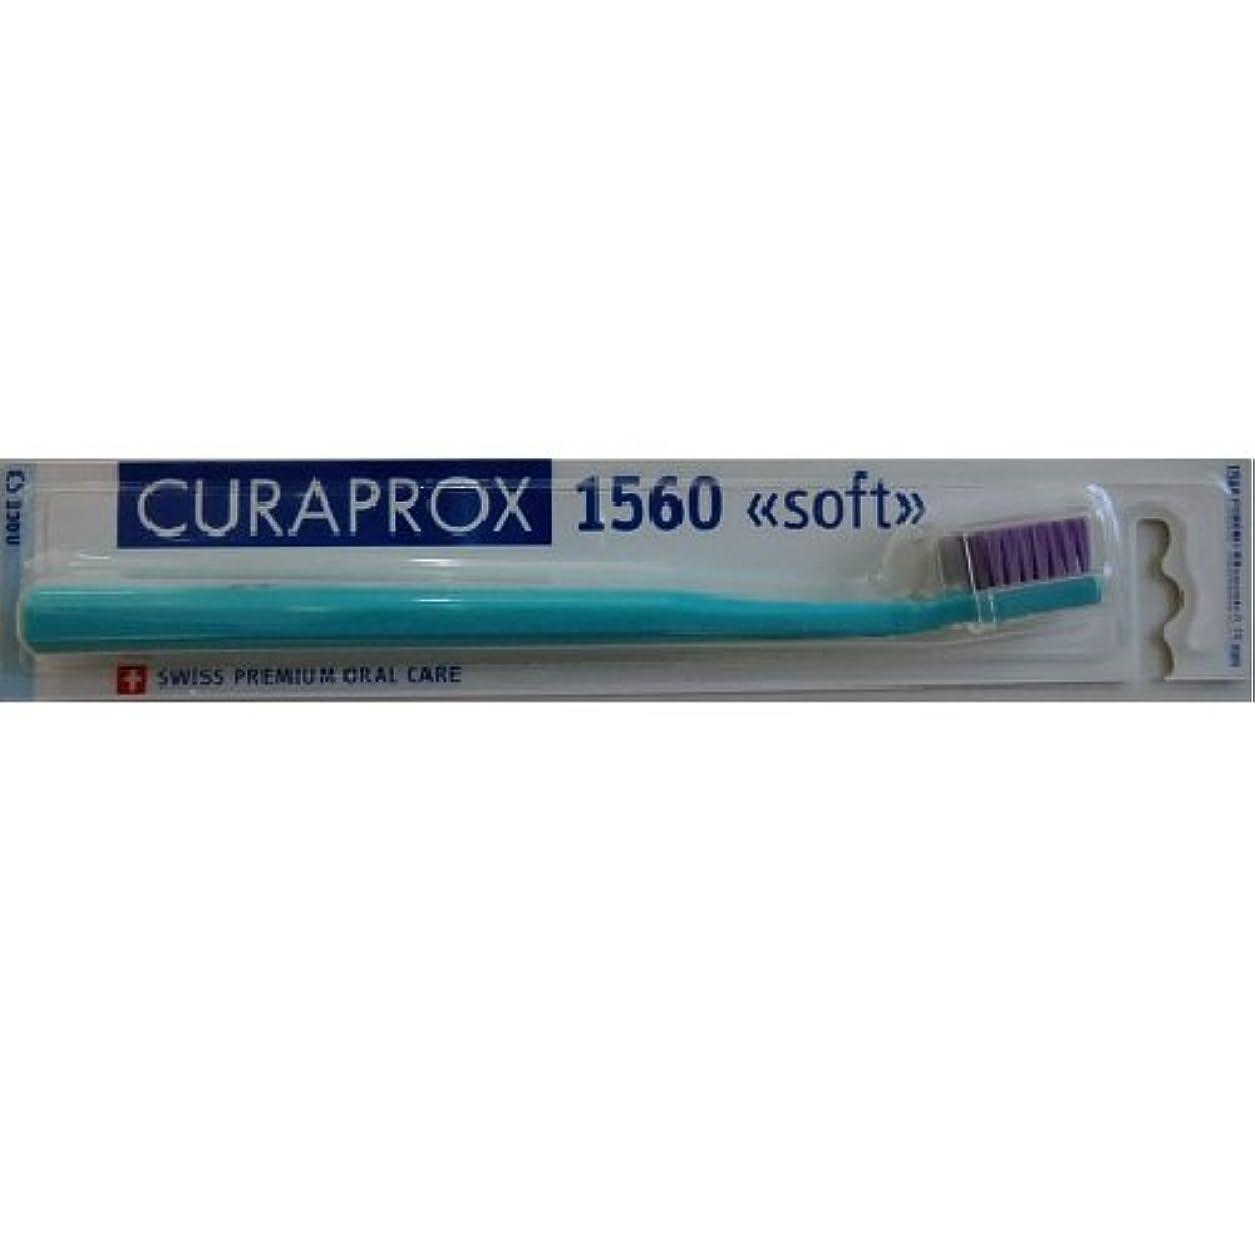 タイピストさびた啓発するキュラプロックス1560?ソフト歯ブラシ